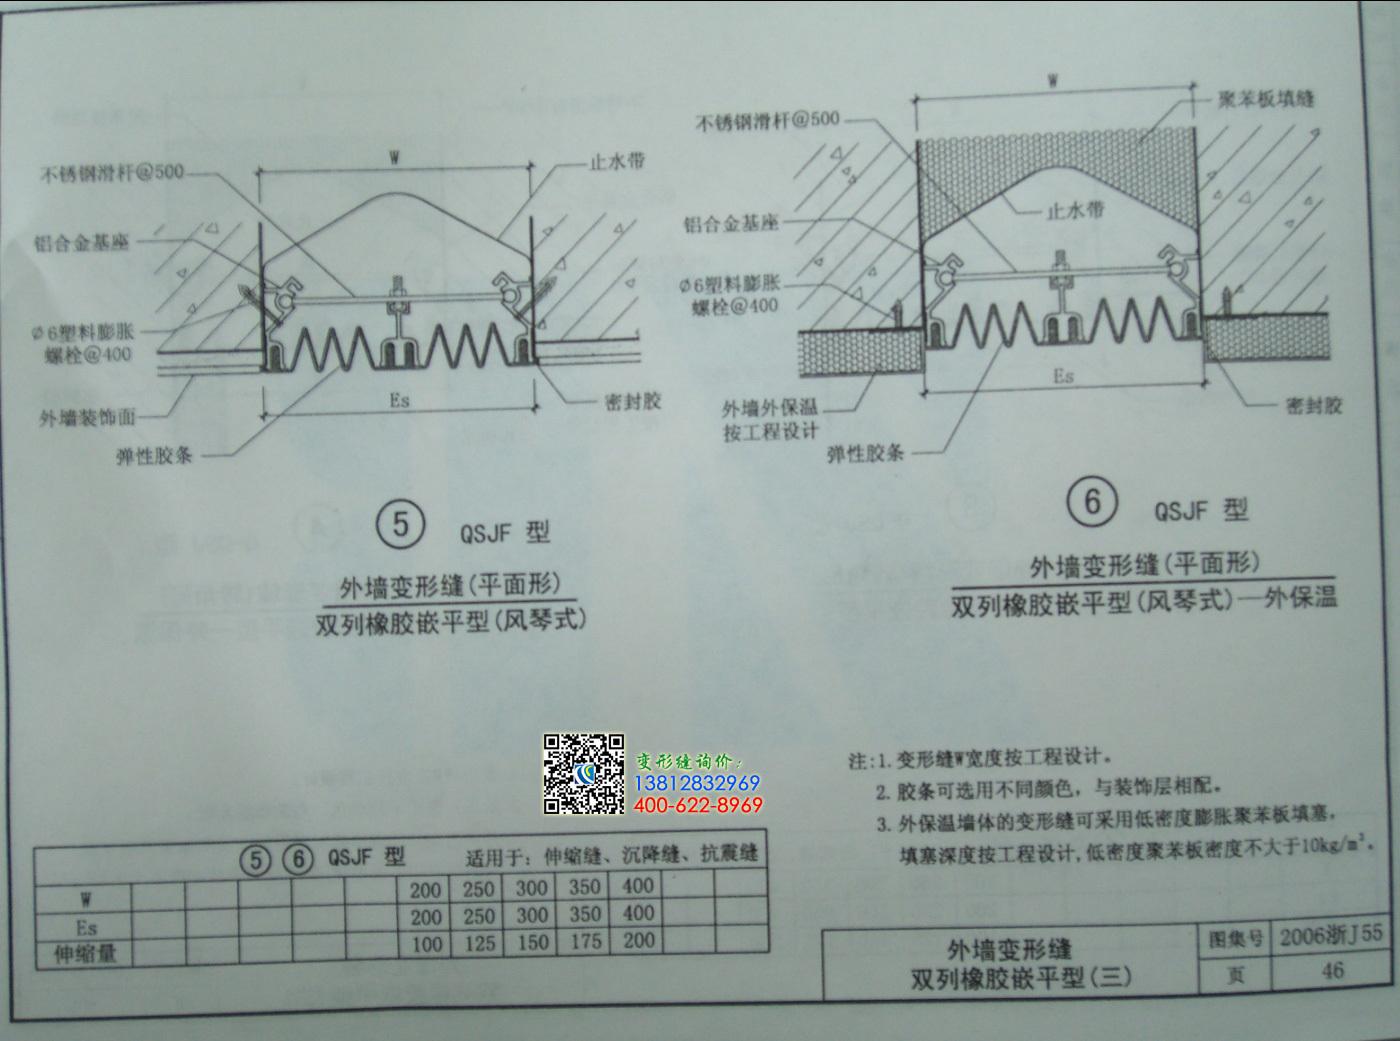 2006浙j55外墙变形缝双列橡胶嵌平型图集做法